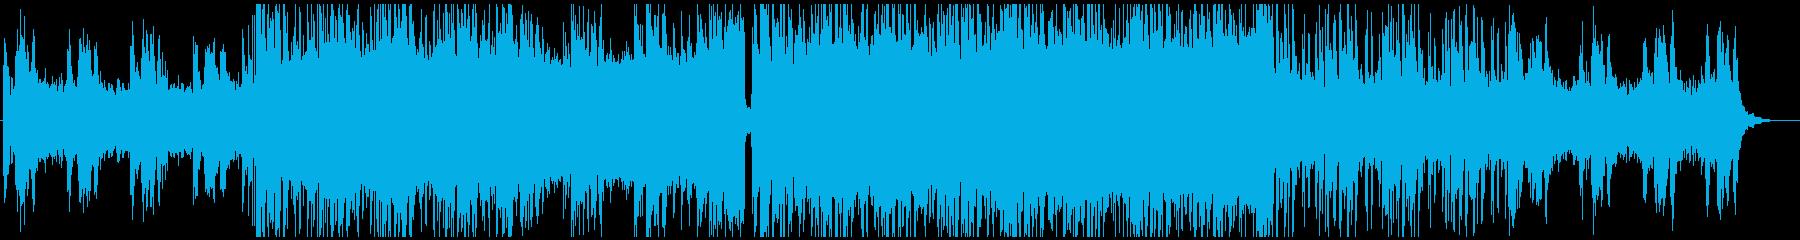 退廃的で美しい旋律のヒップホップの再生済みの波形